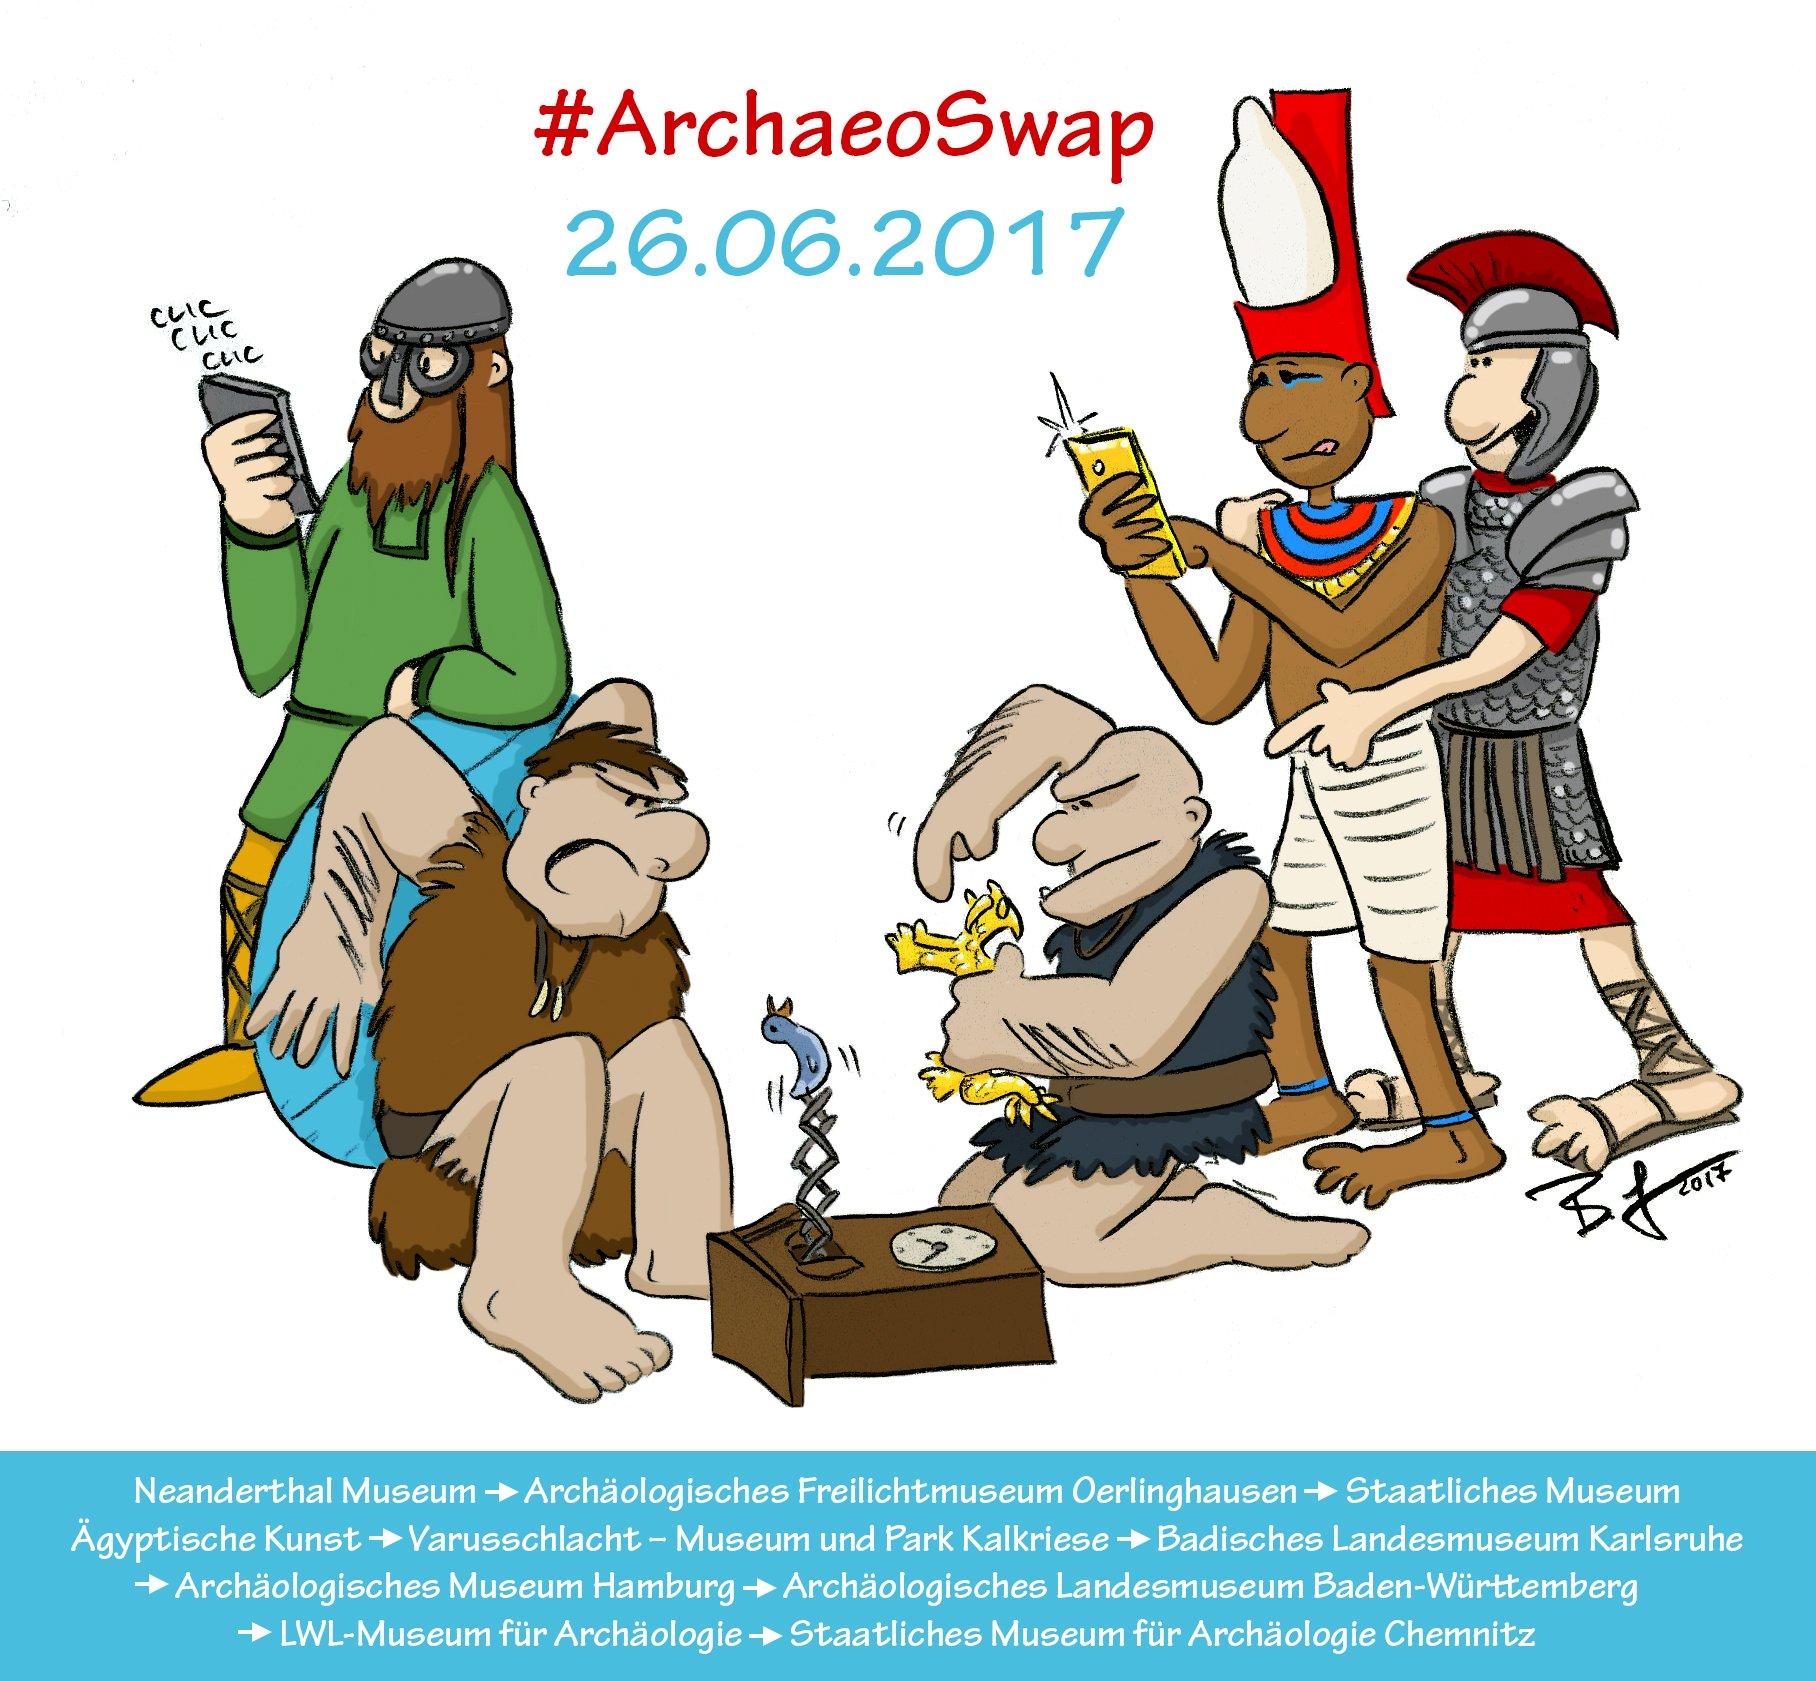 Freundliche #Übernahme beim #ArchaeoSwap am Montag! Wir posten bei @ArchaeologieHH, unsere Kanäle übernimmt @VarusKalkriese 😊 https://t.co/nOb4OkKuCZ